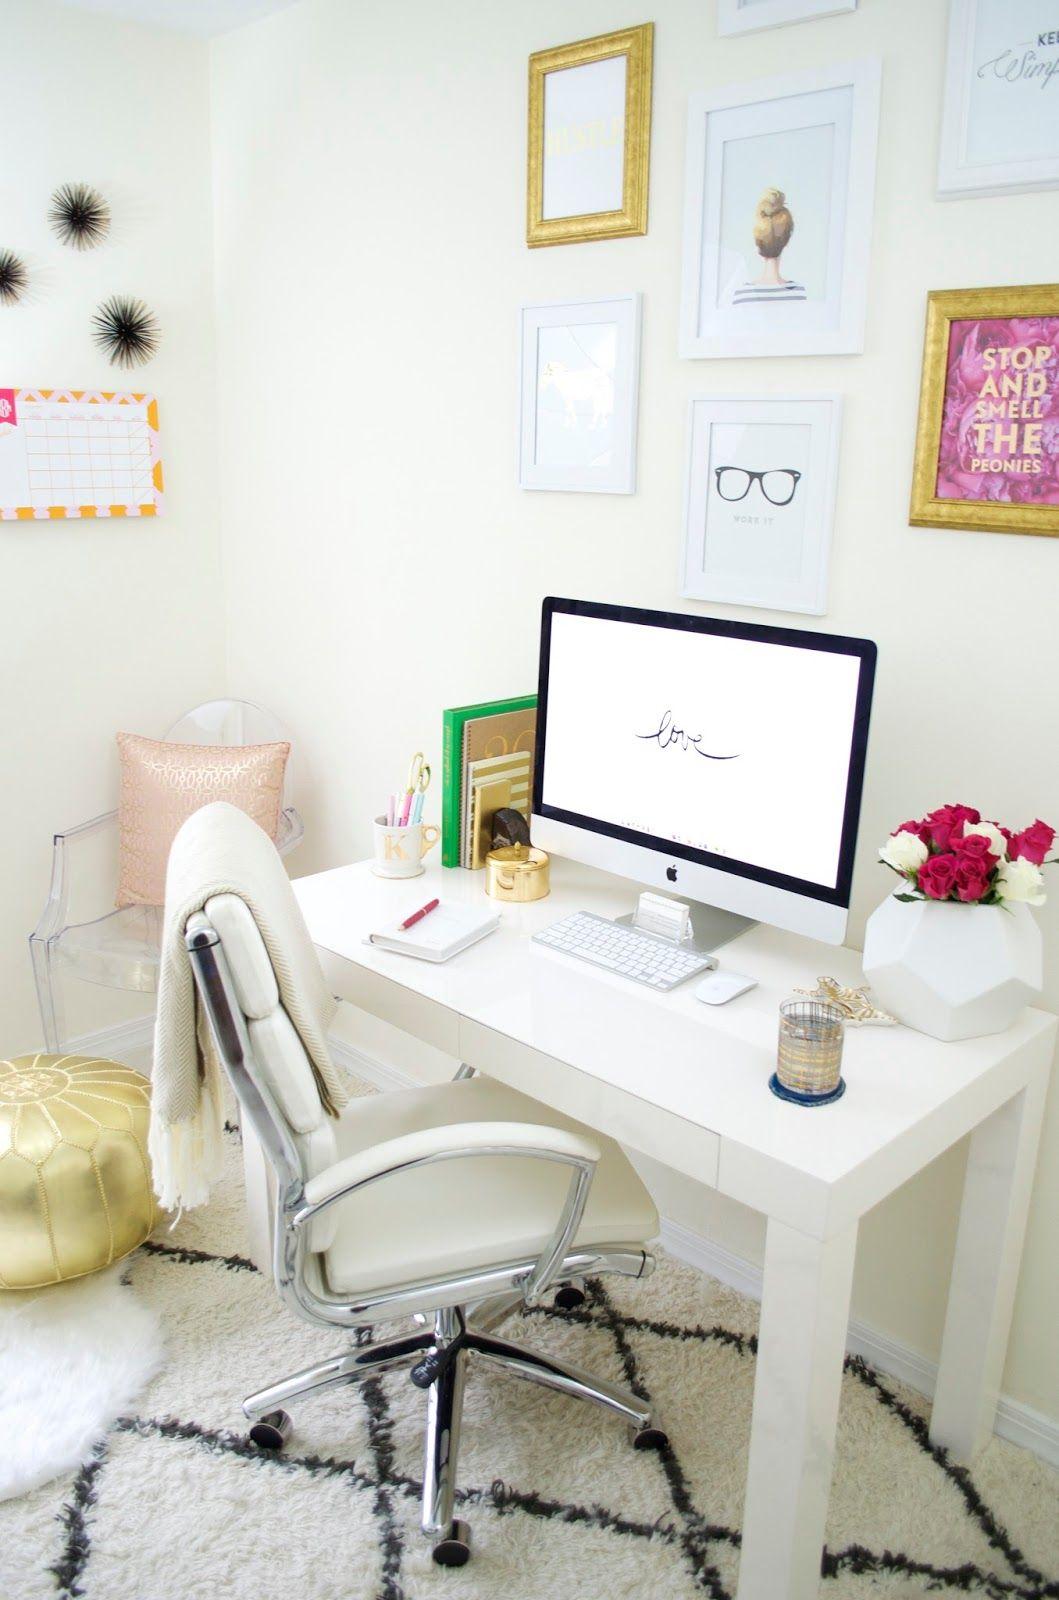 Office decor with luluandgeorgia - Creative office desk ideas ...